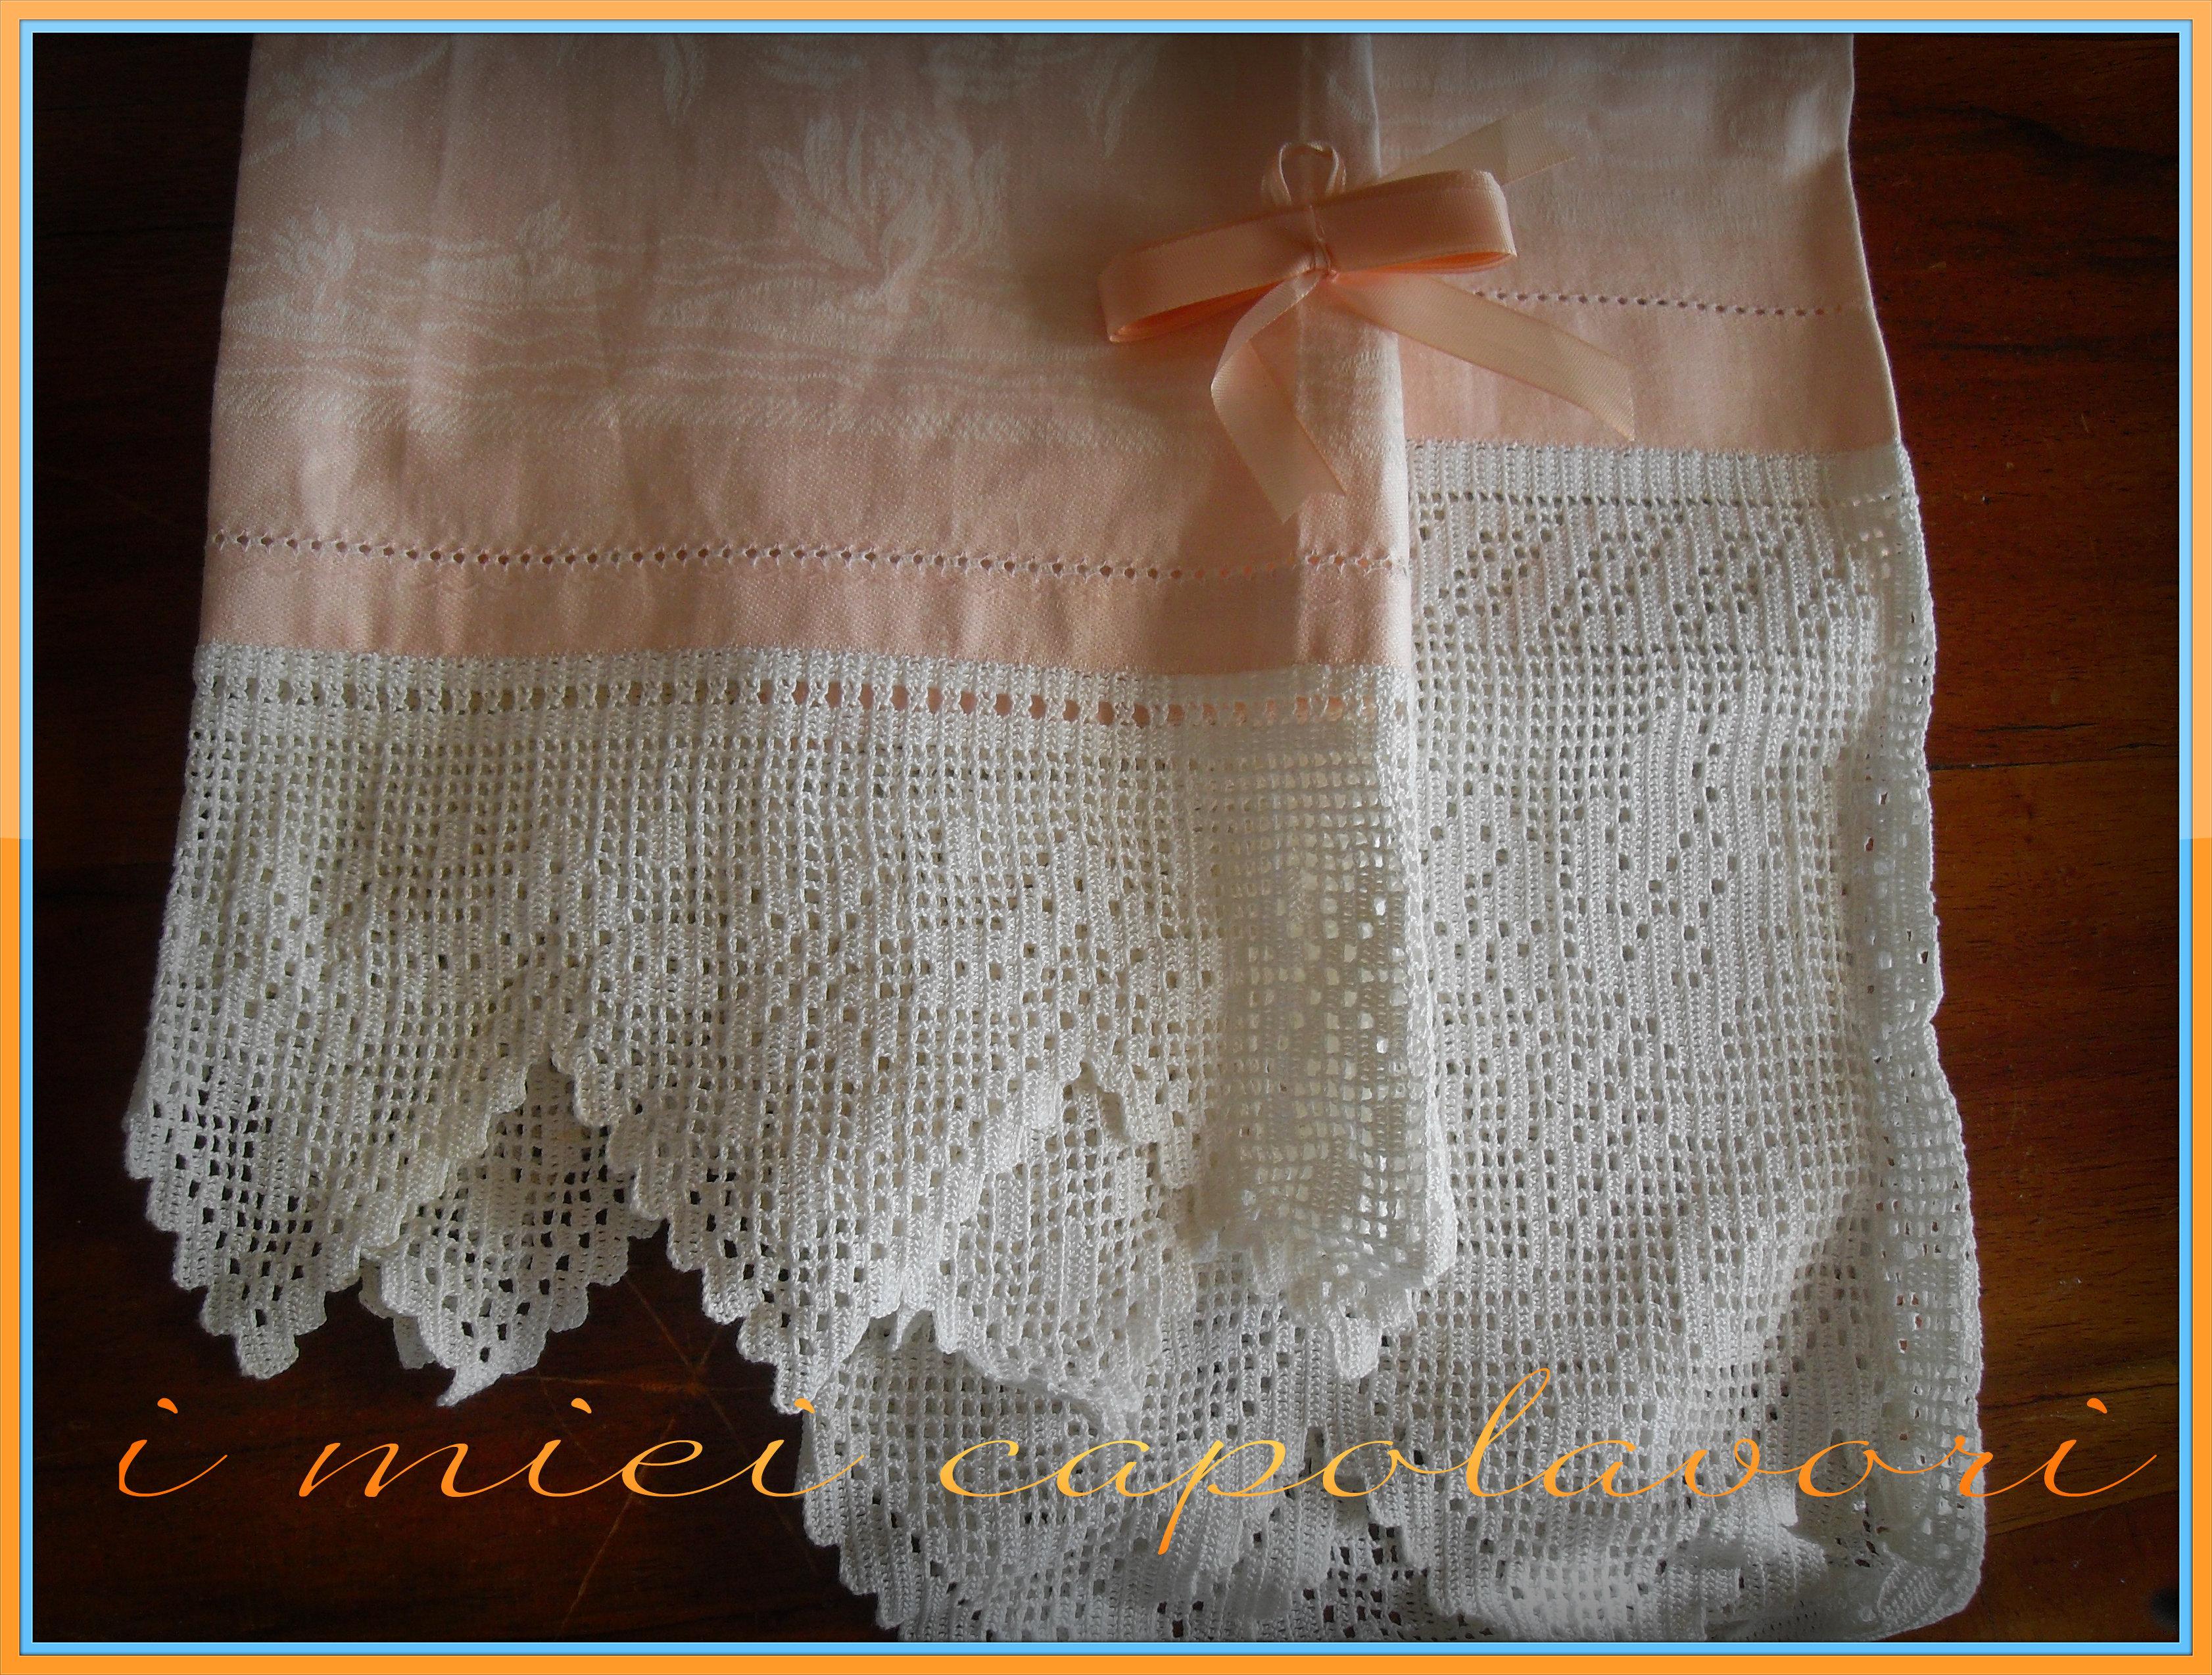 Asciugamani con rifiniture uncinetto e punto croce simo for Schemi bordi uncinetto per asciugamani